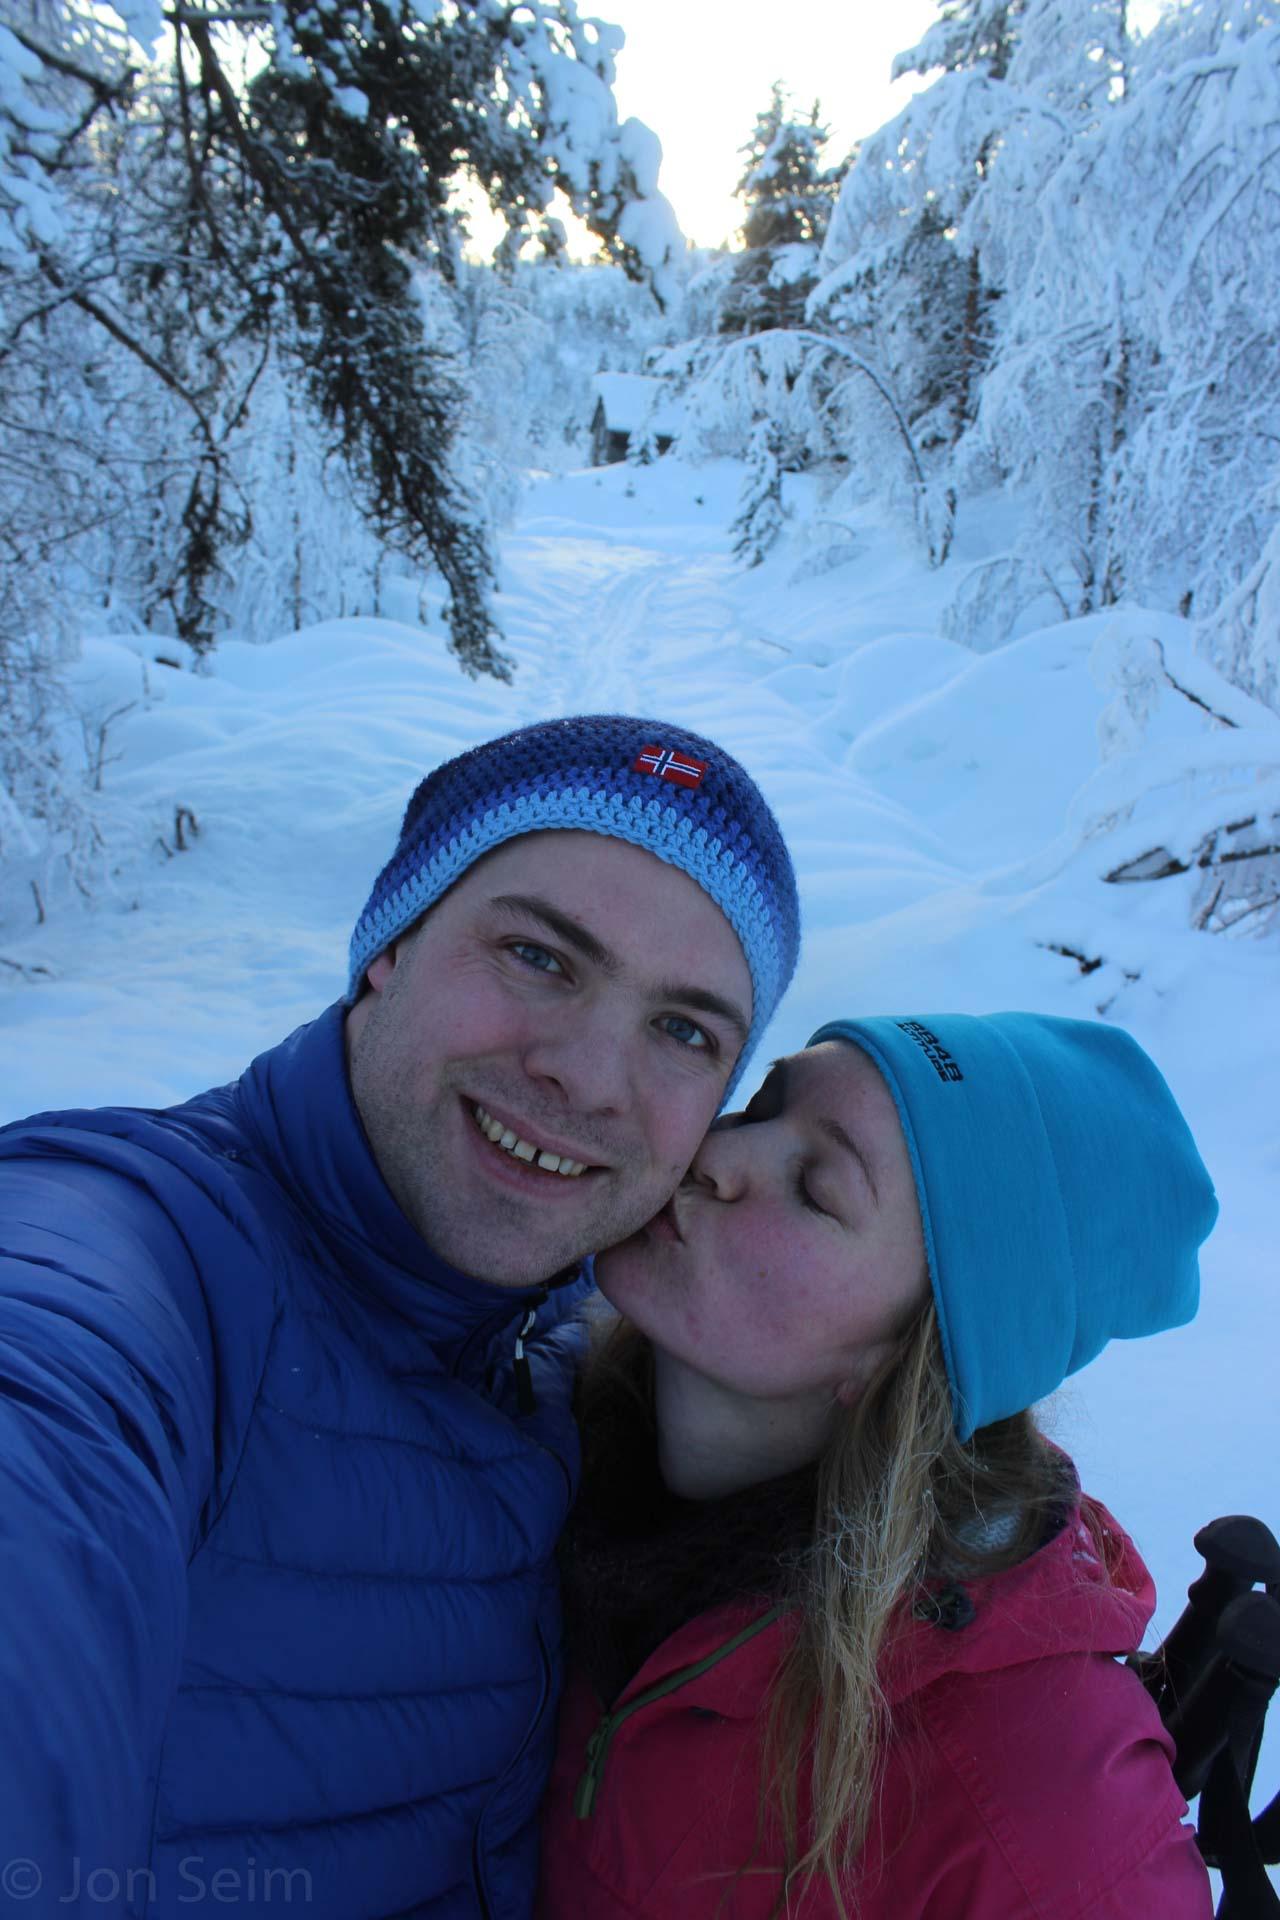 I jula feira vi jul sammen på Voss - i et strålende vakkert vinterlandskap.